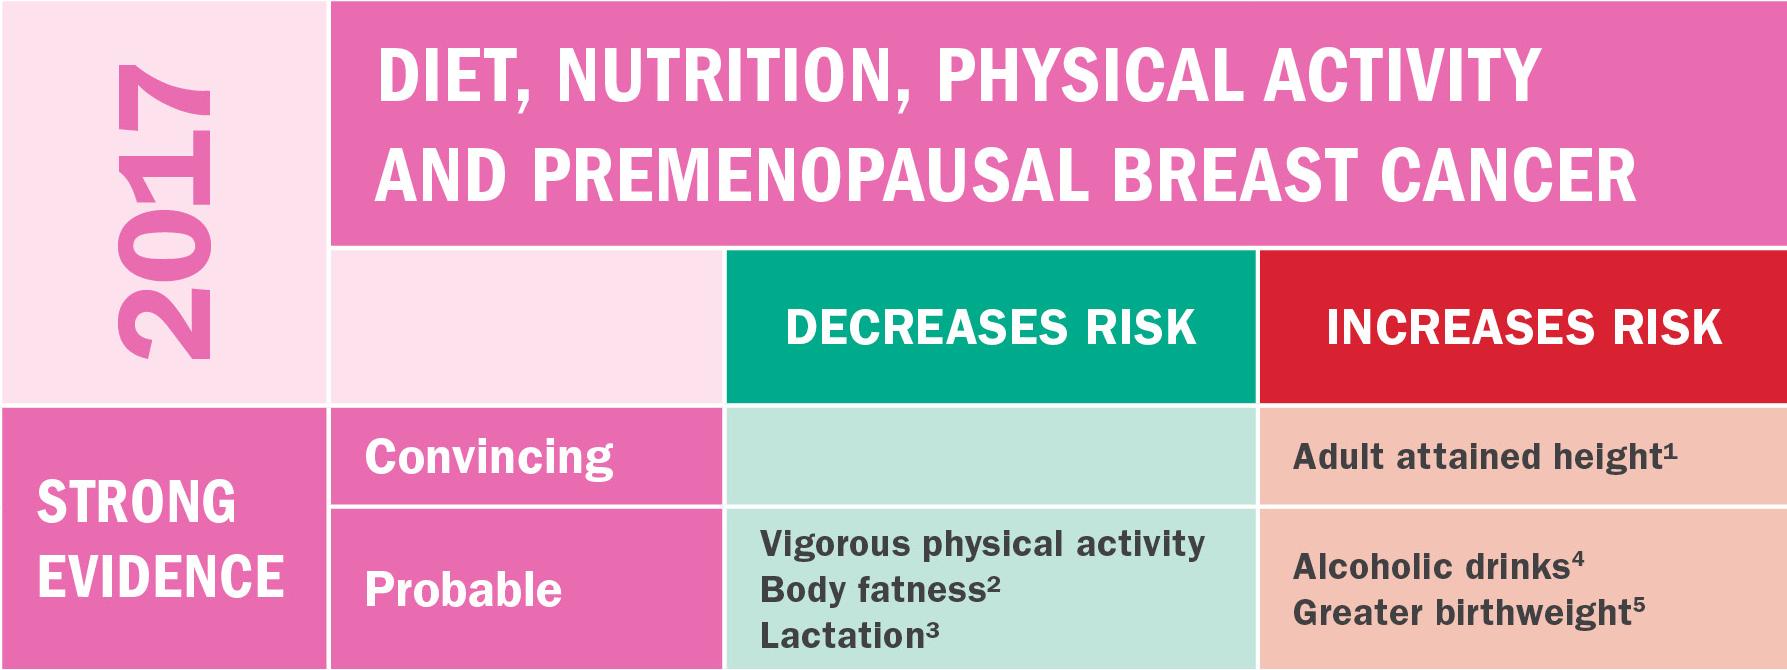 Premenopausal Breast